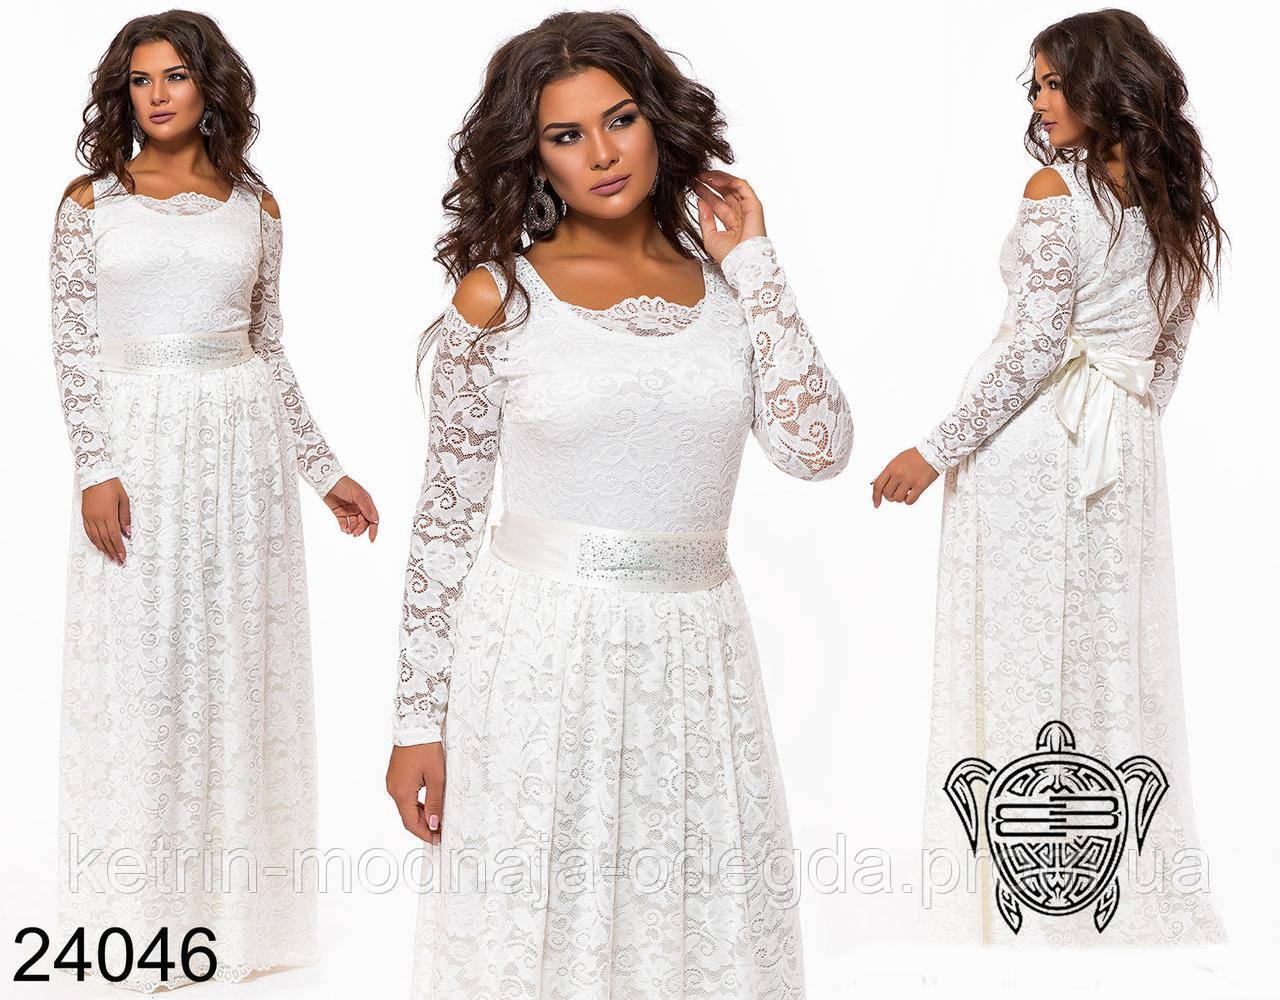 d11abd0d289 Красивое вечернее длинное гипюровое платье в пол больших размеров 48 - 54